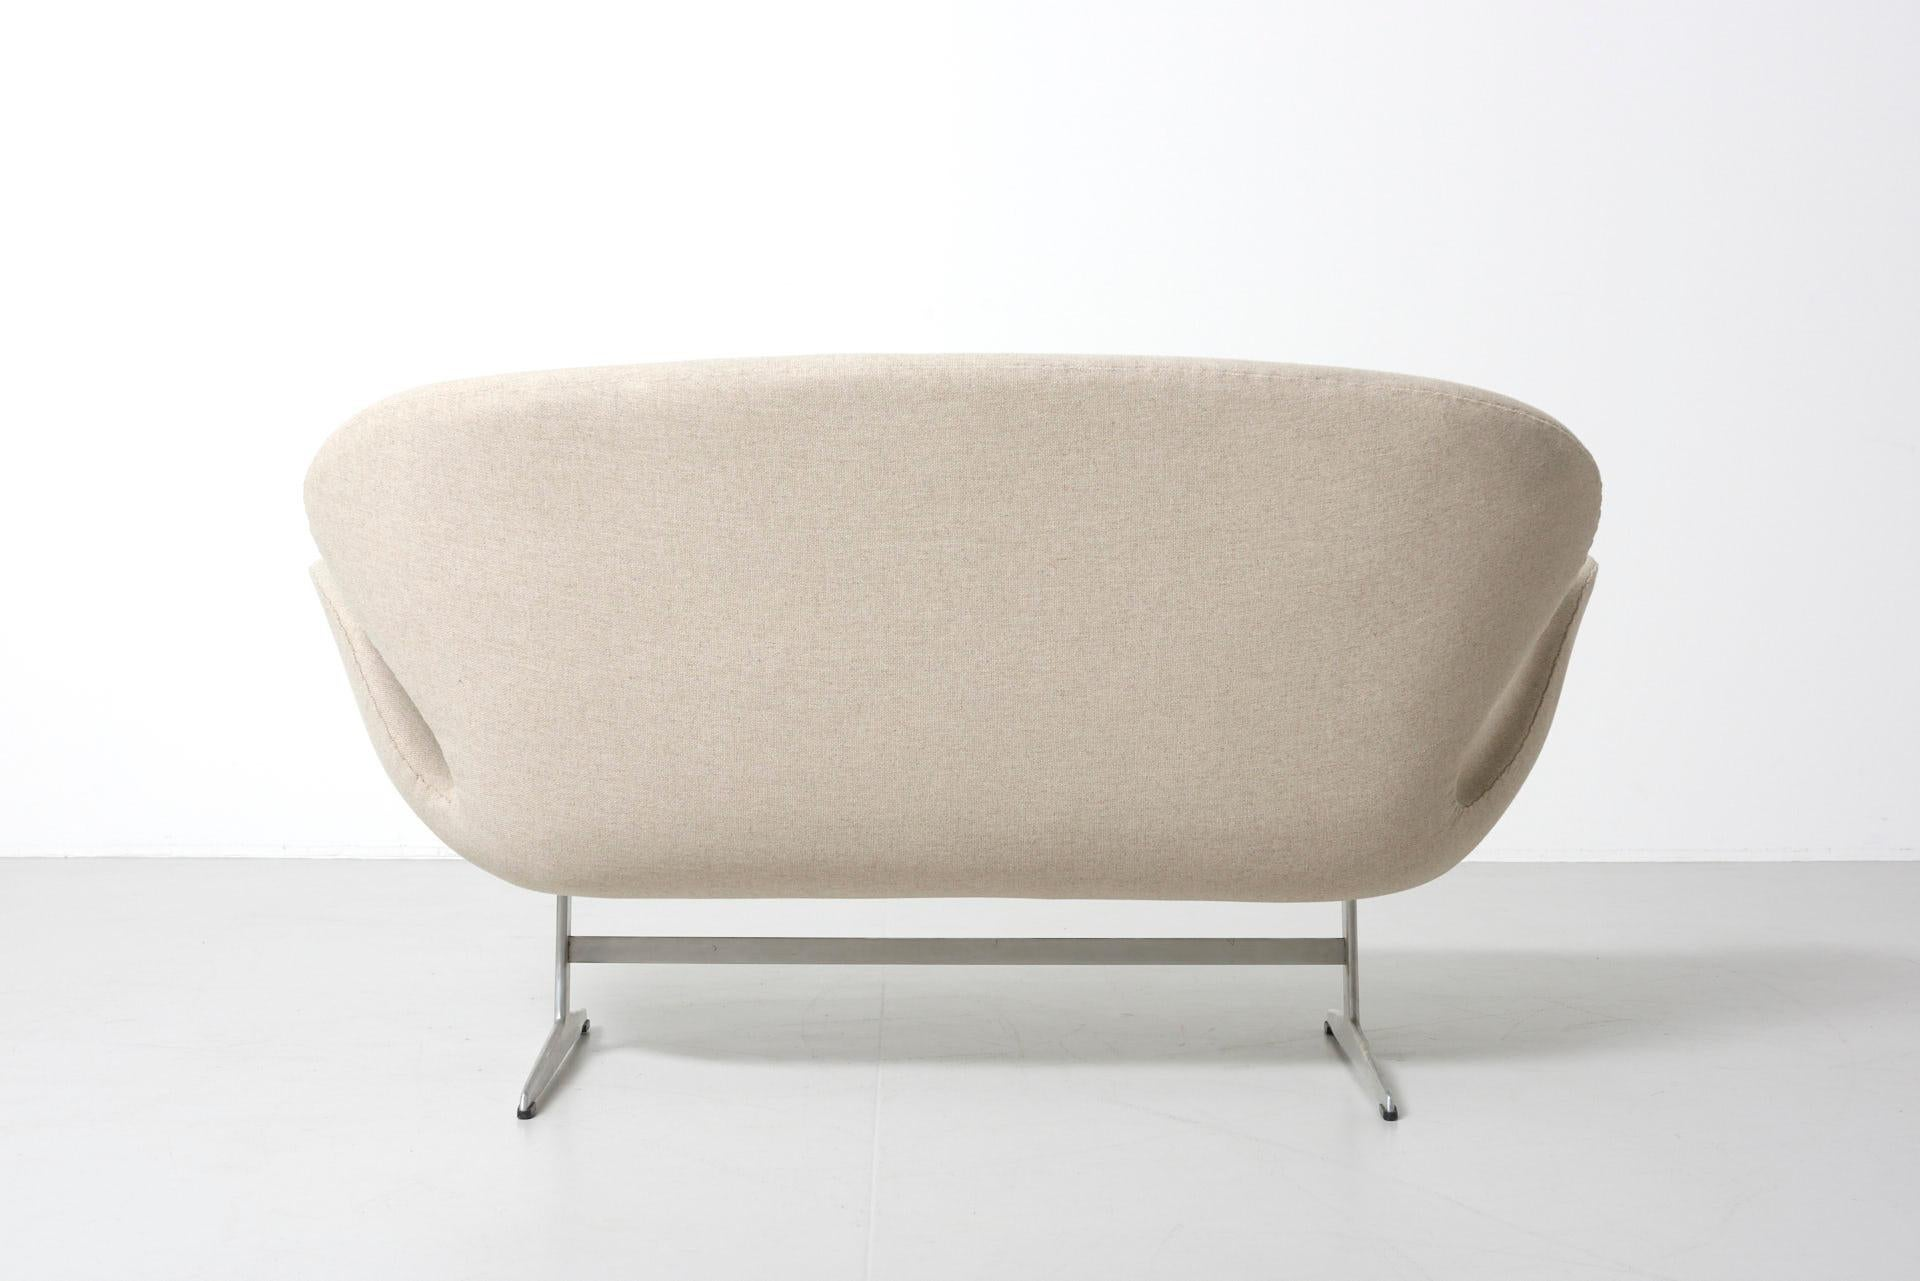 White Swan Sofa By Arne Jacobsen For Fritz Hansen Denmark At 1stdibs